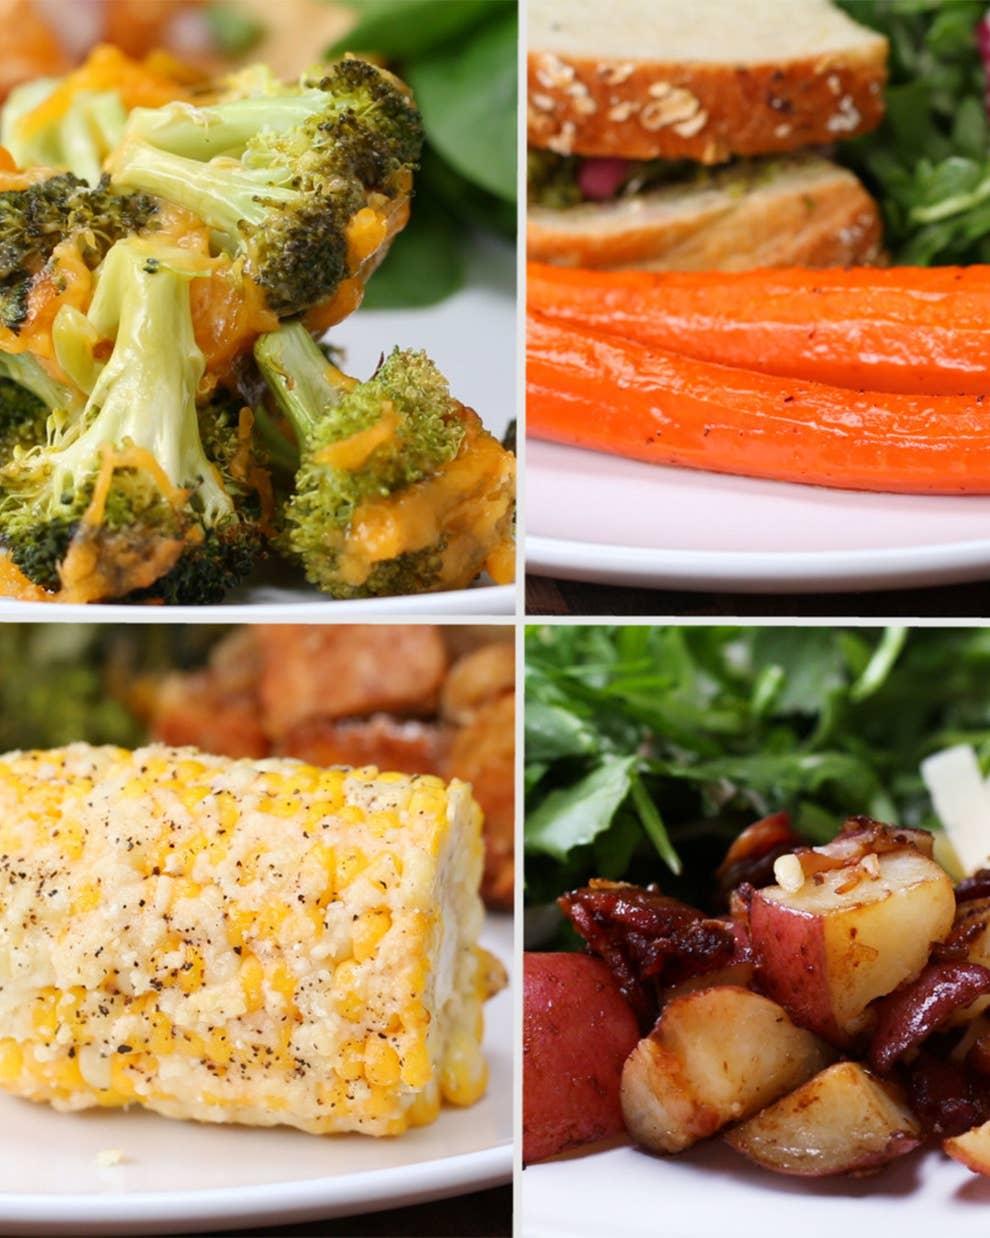 Recette Facile Du Tian Provencal 4 recettes faciles pour préparer des légumes, avec seulement